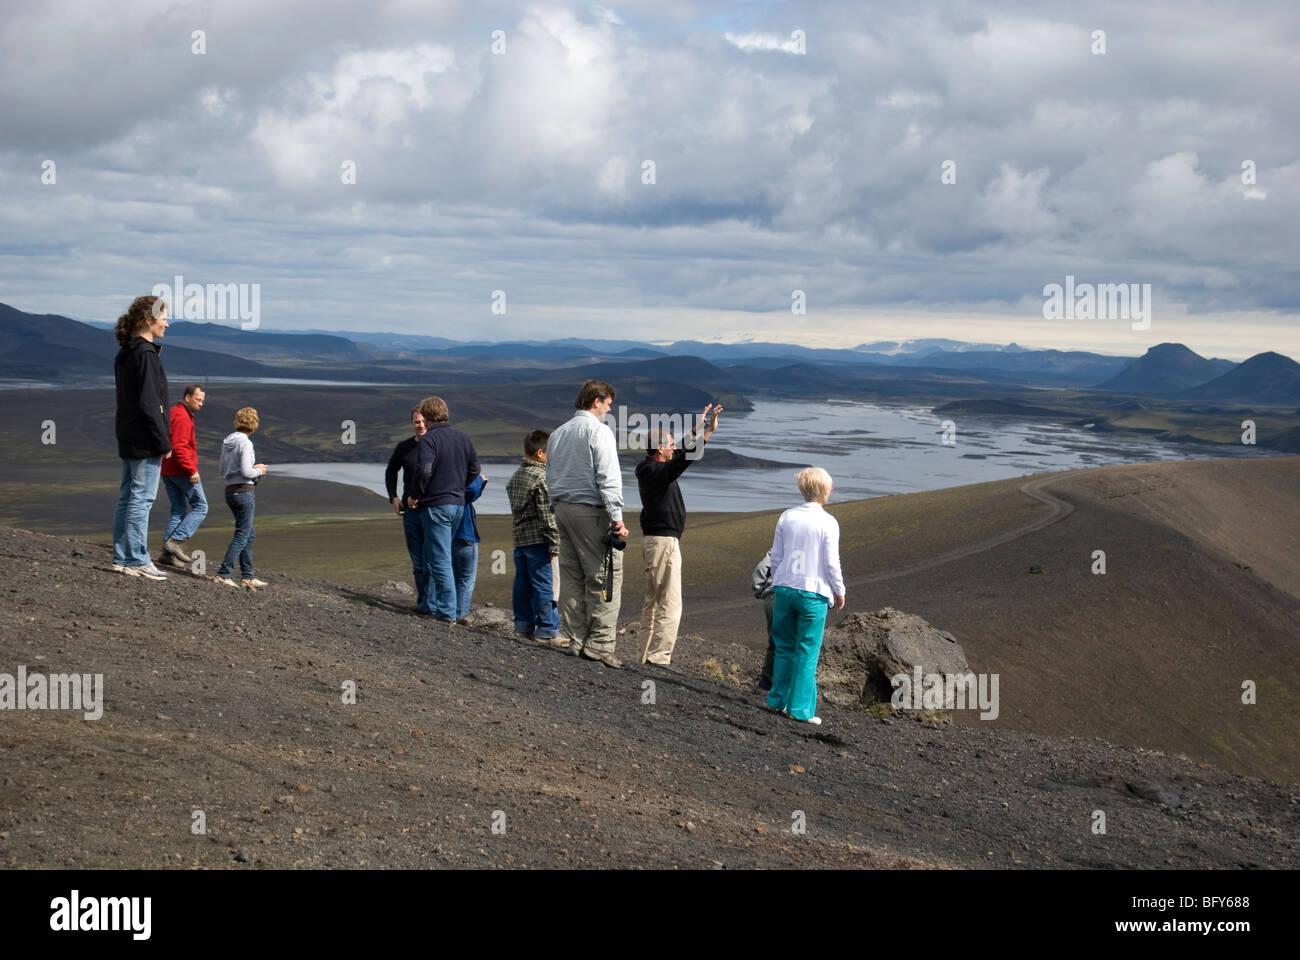 Tourists enjoying the volcanic landscape, Iceland - Stock Image